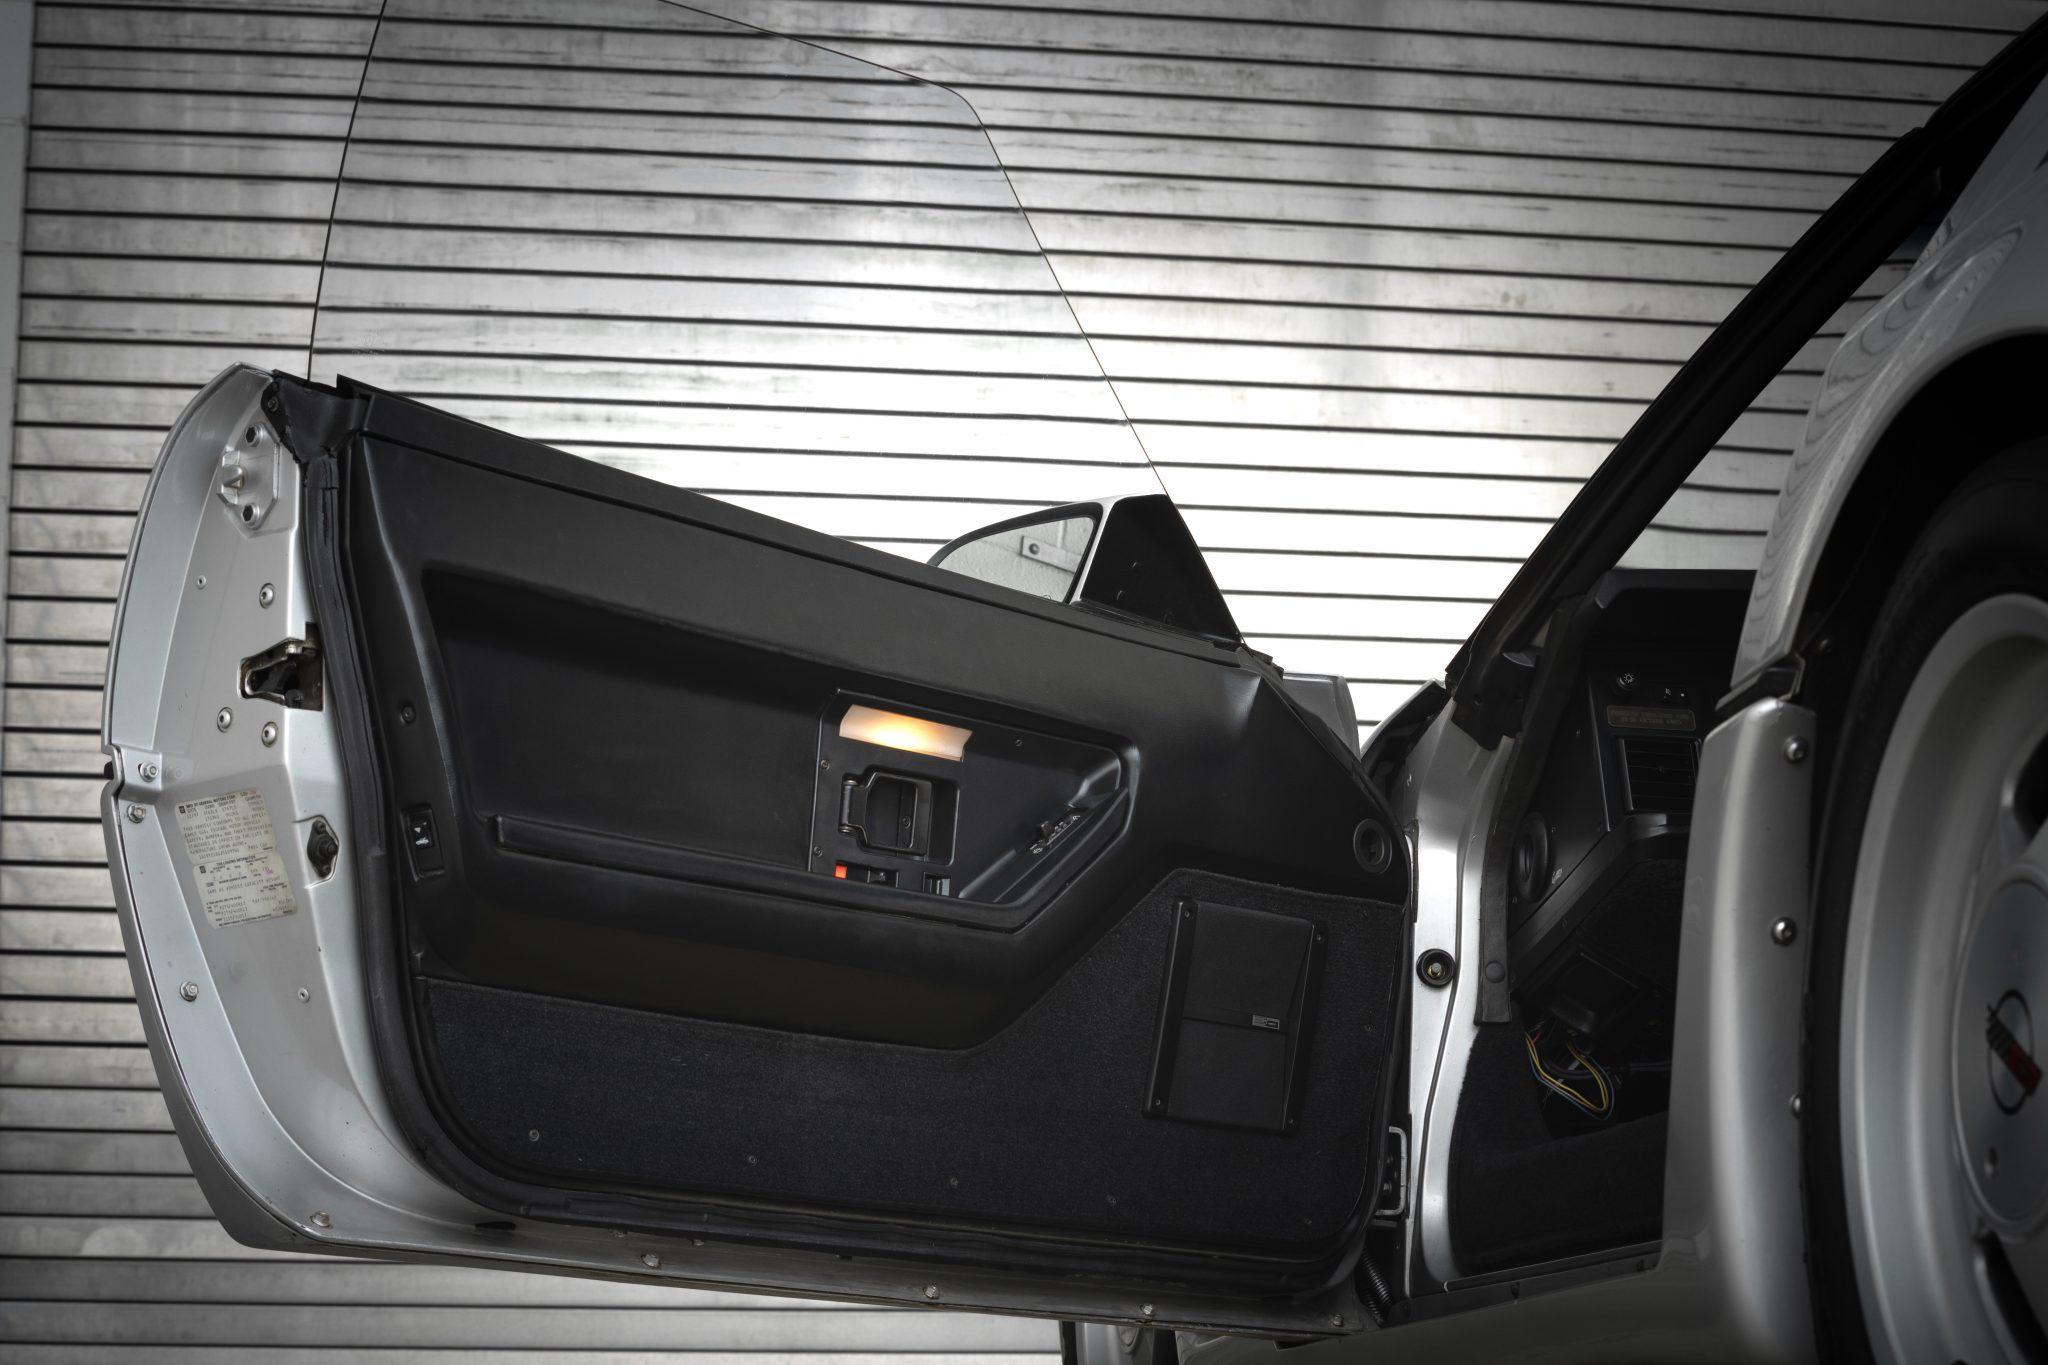 1988 Chevrolet Corvette Callaway SledgeHammer BaT front door